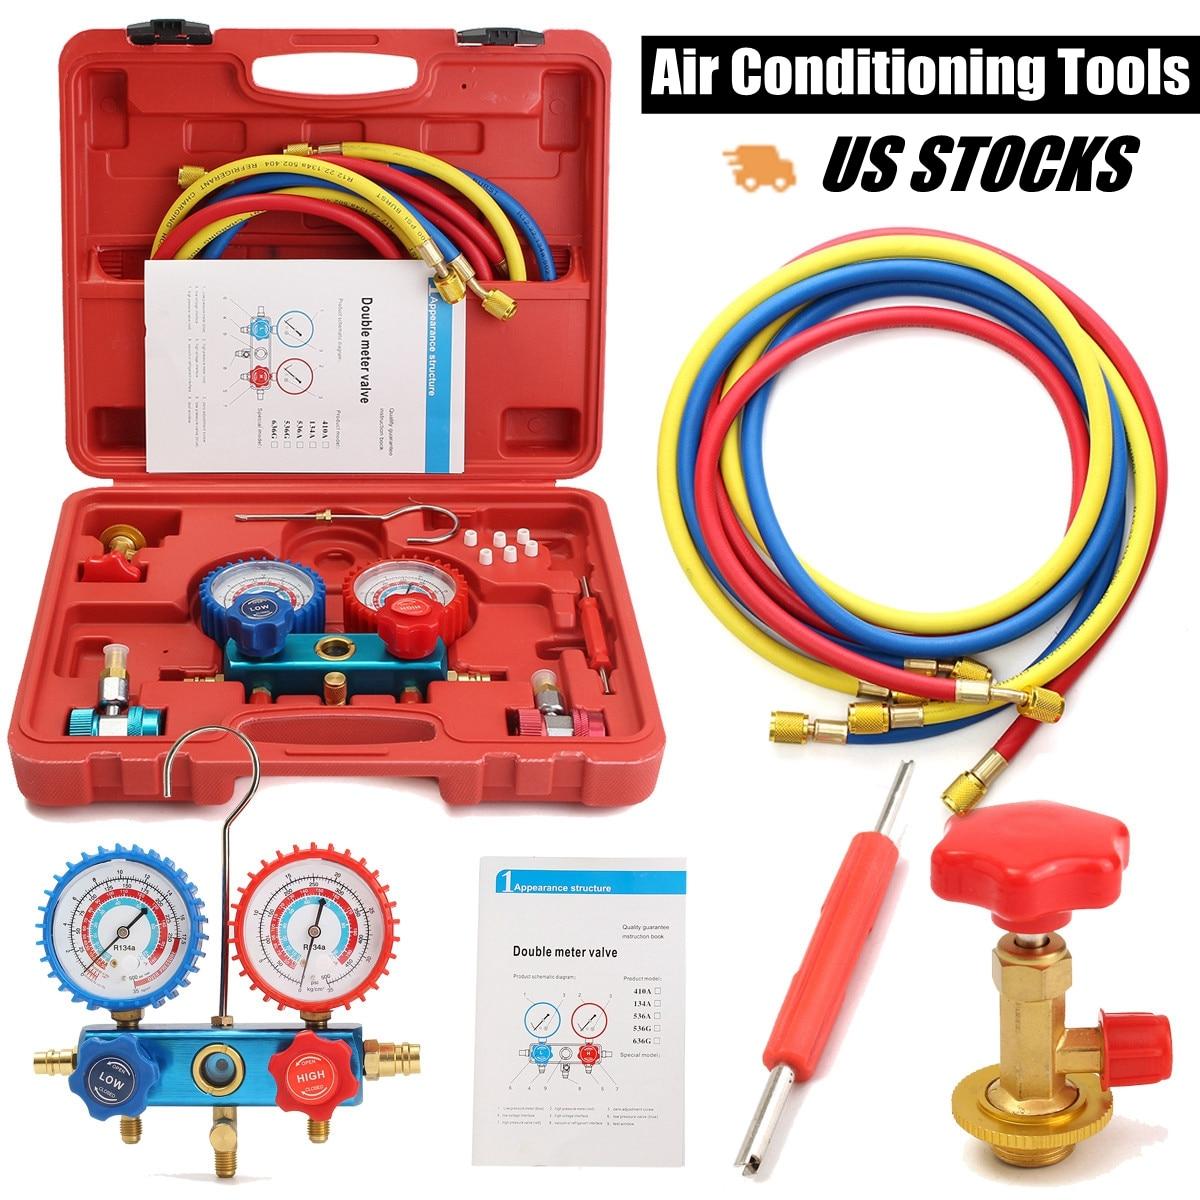 R134A HVAC A/C Kit De Refrigeração AC Manifold Calibre Set Serviço de Auto Kit de Reparação de Ar Condicionado Do Carro Flúor de Enchimento ferramenta